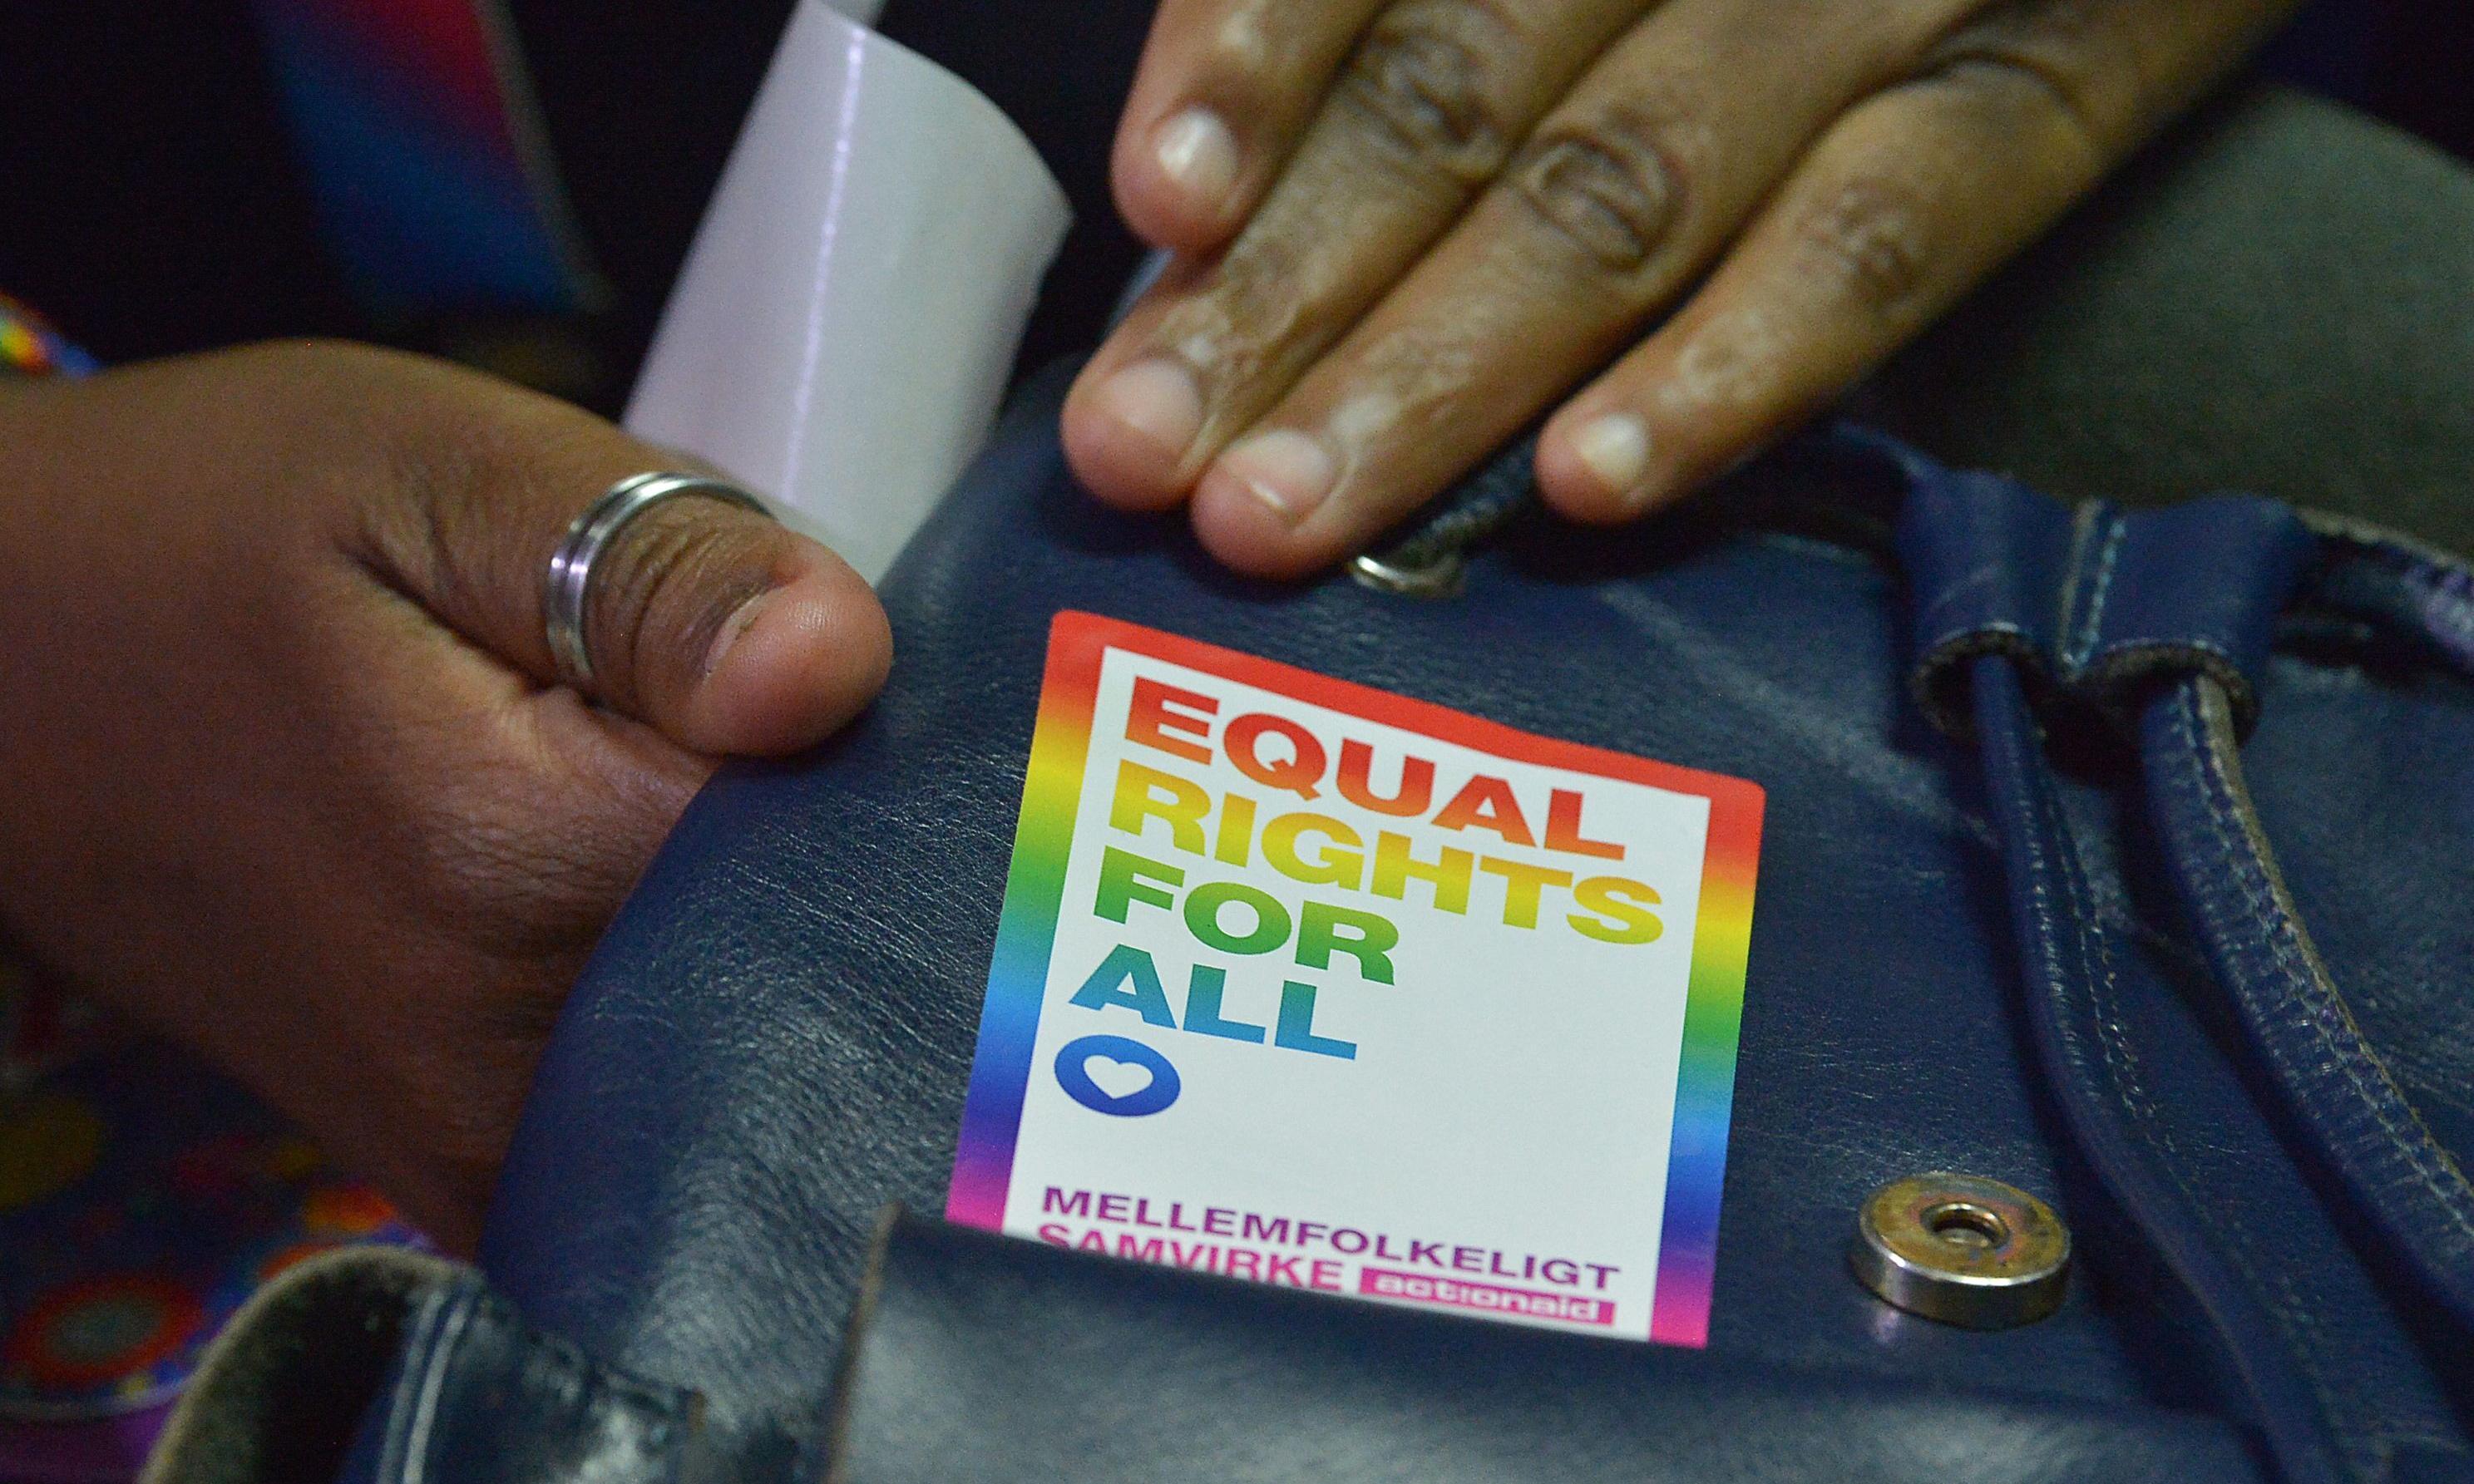 Kenya court upholds ban on gay sex in major setback for activists